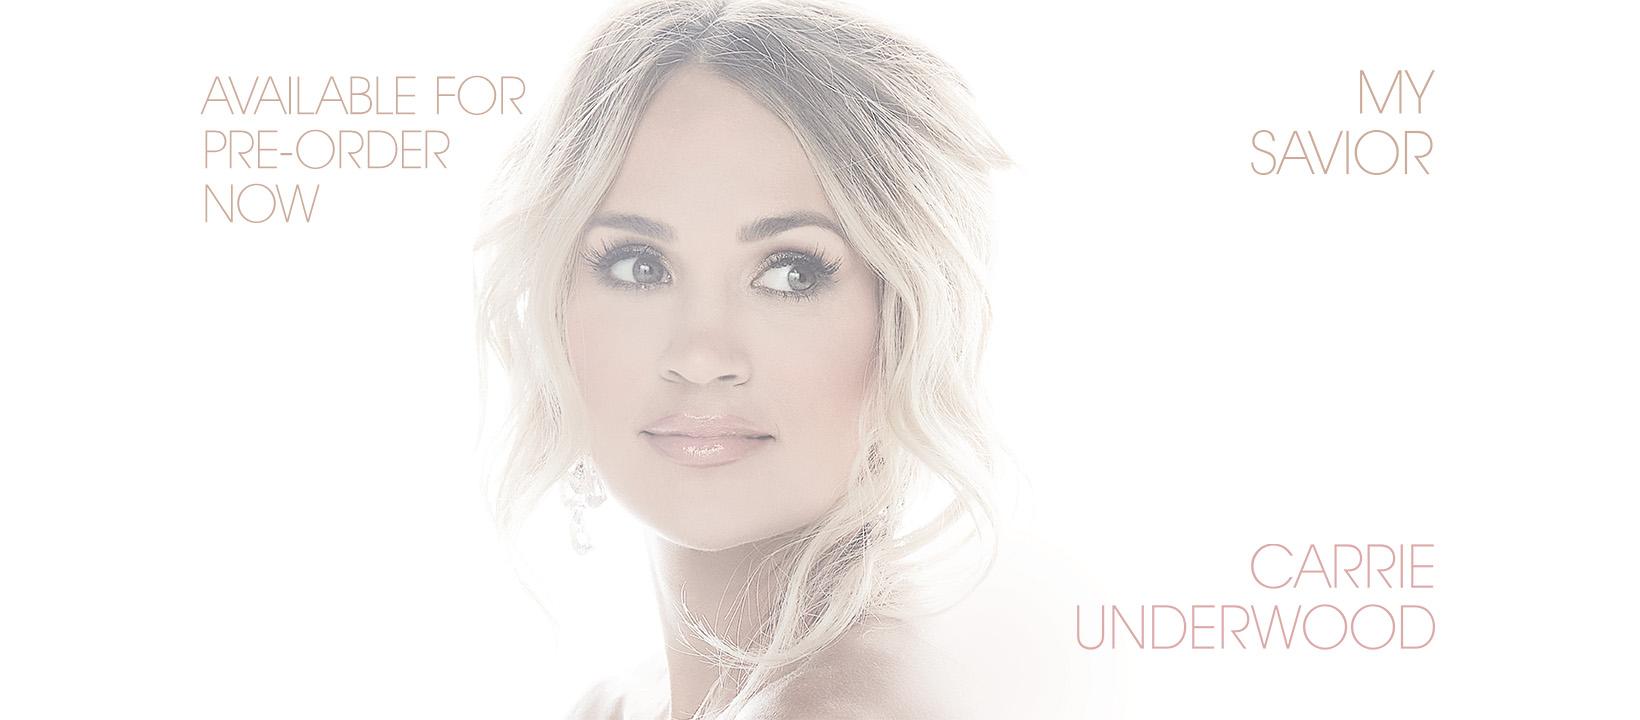 Carrie Underwood Announces My Savior Album